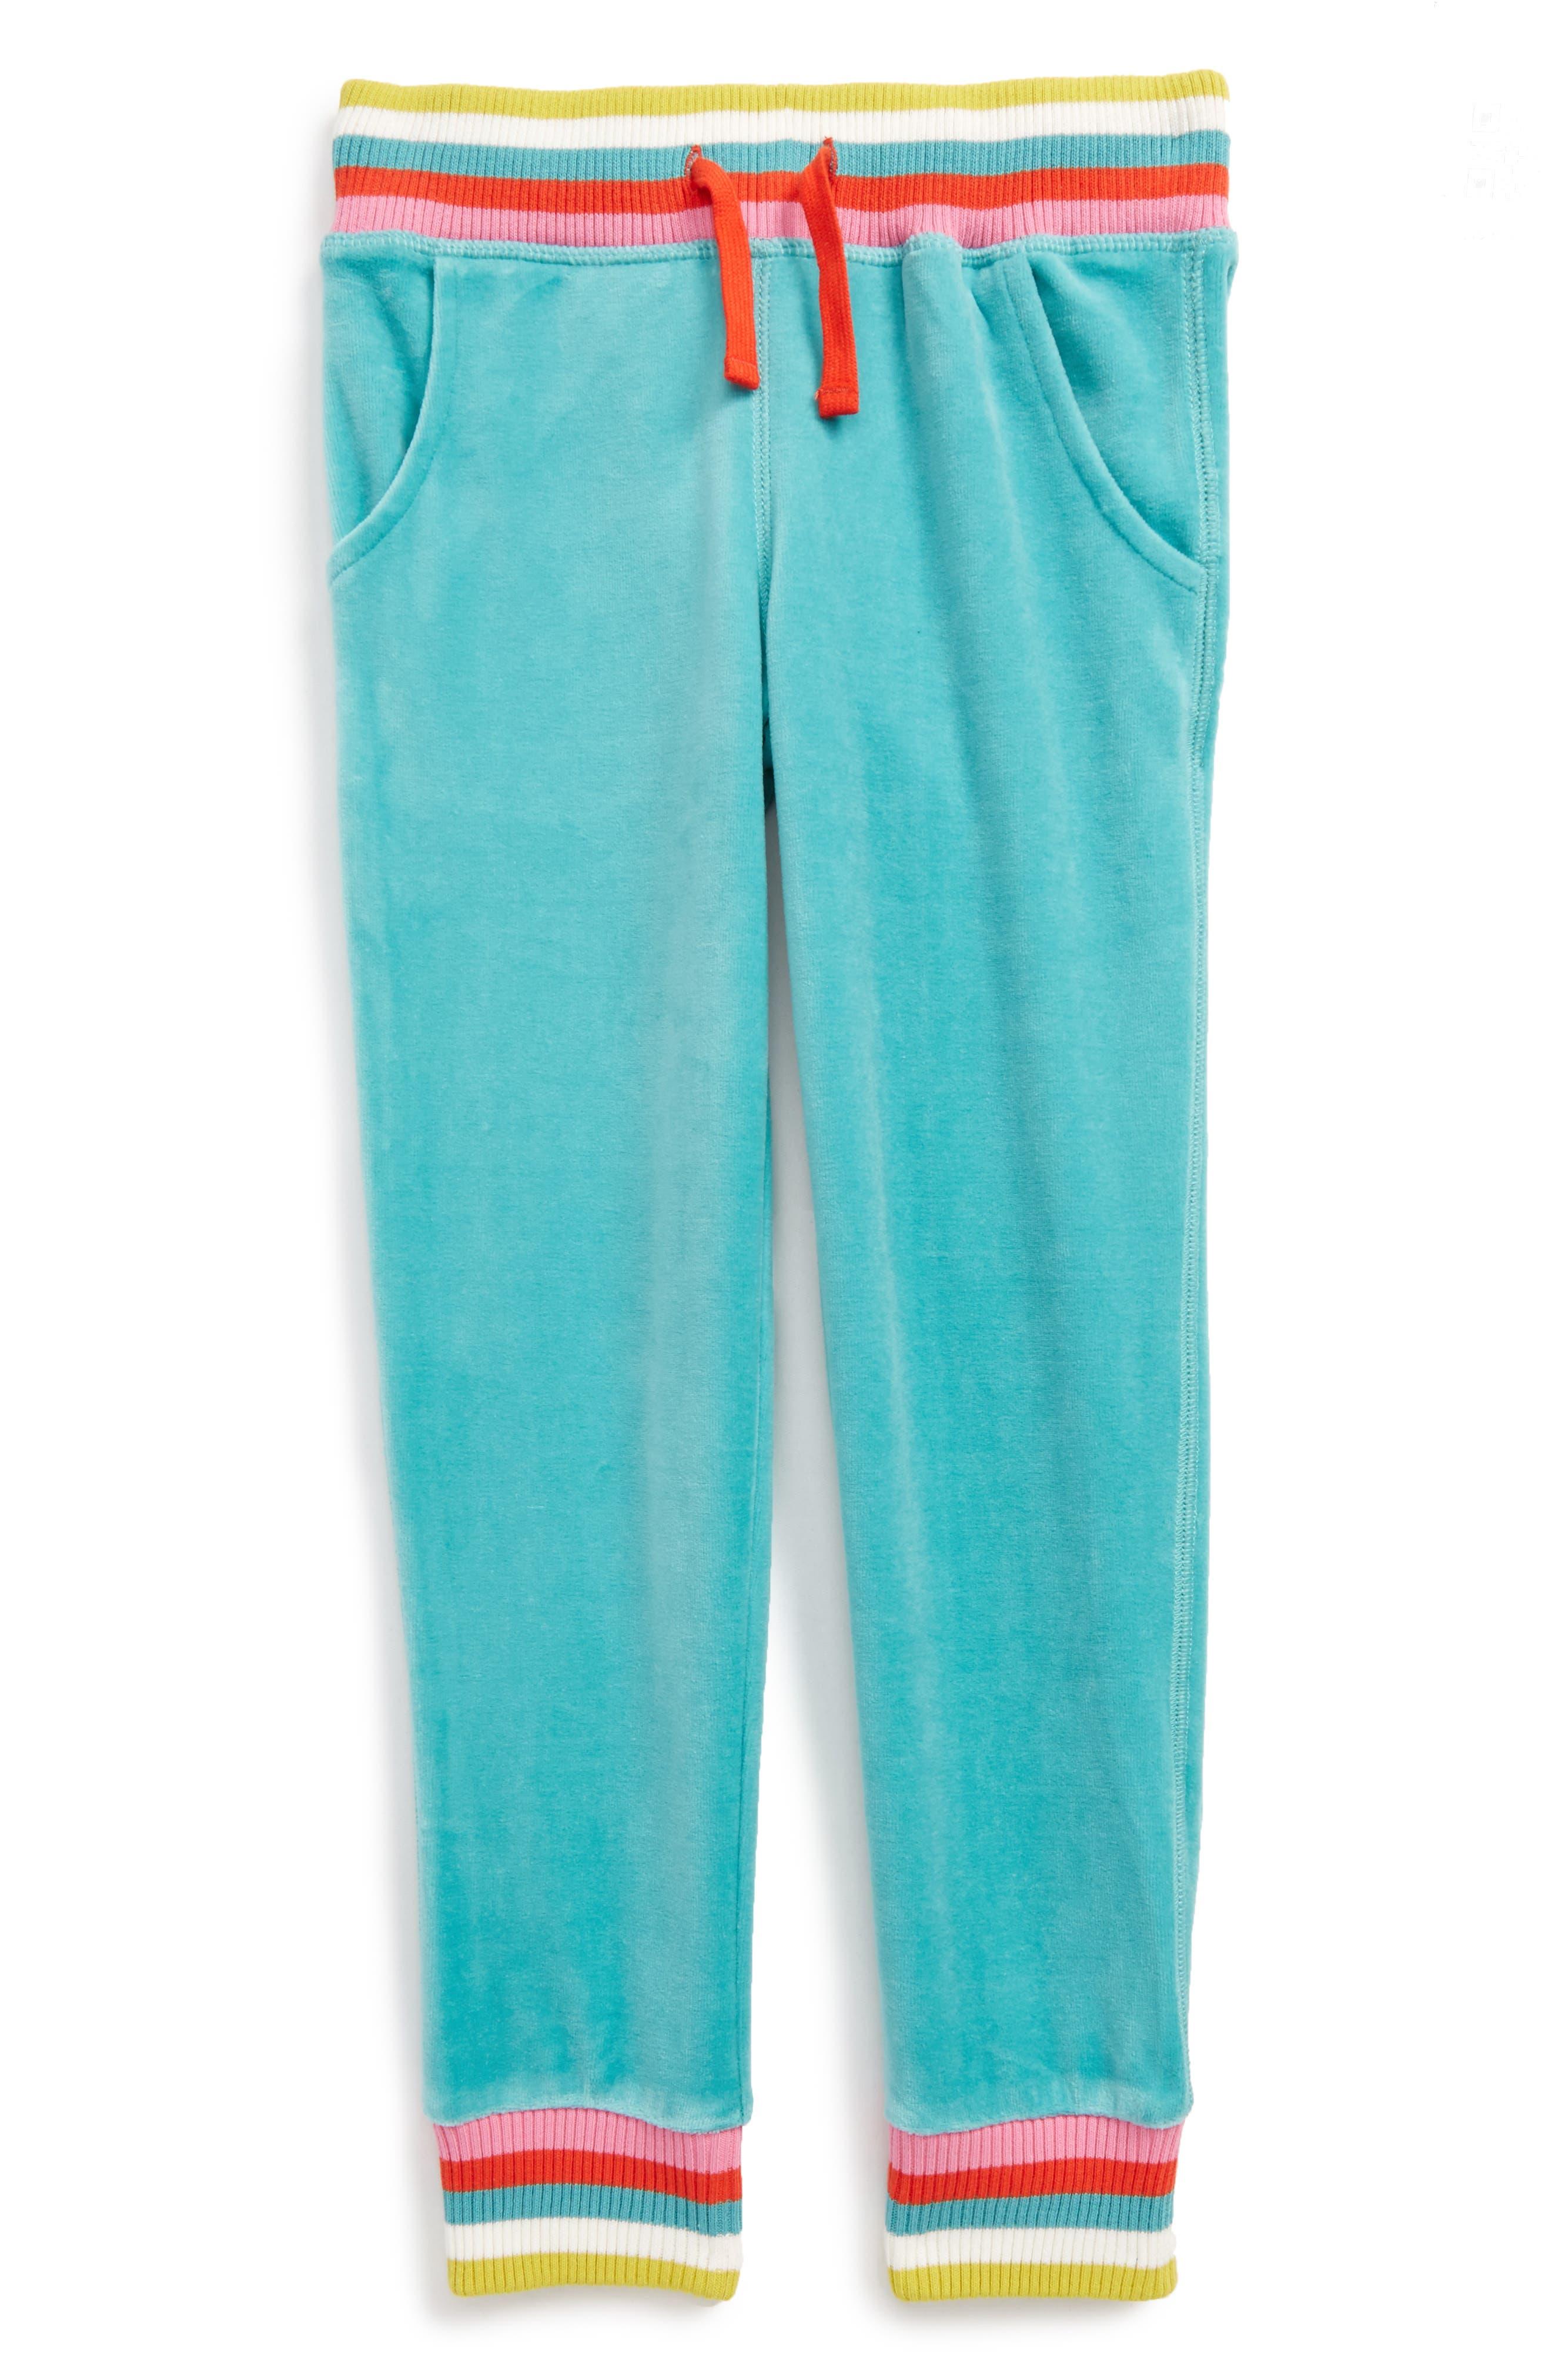 Alternate Image 1 Selected - Mini Boden Velour Sweatpants (Toddler Girls, Little Girls & Big Girls)